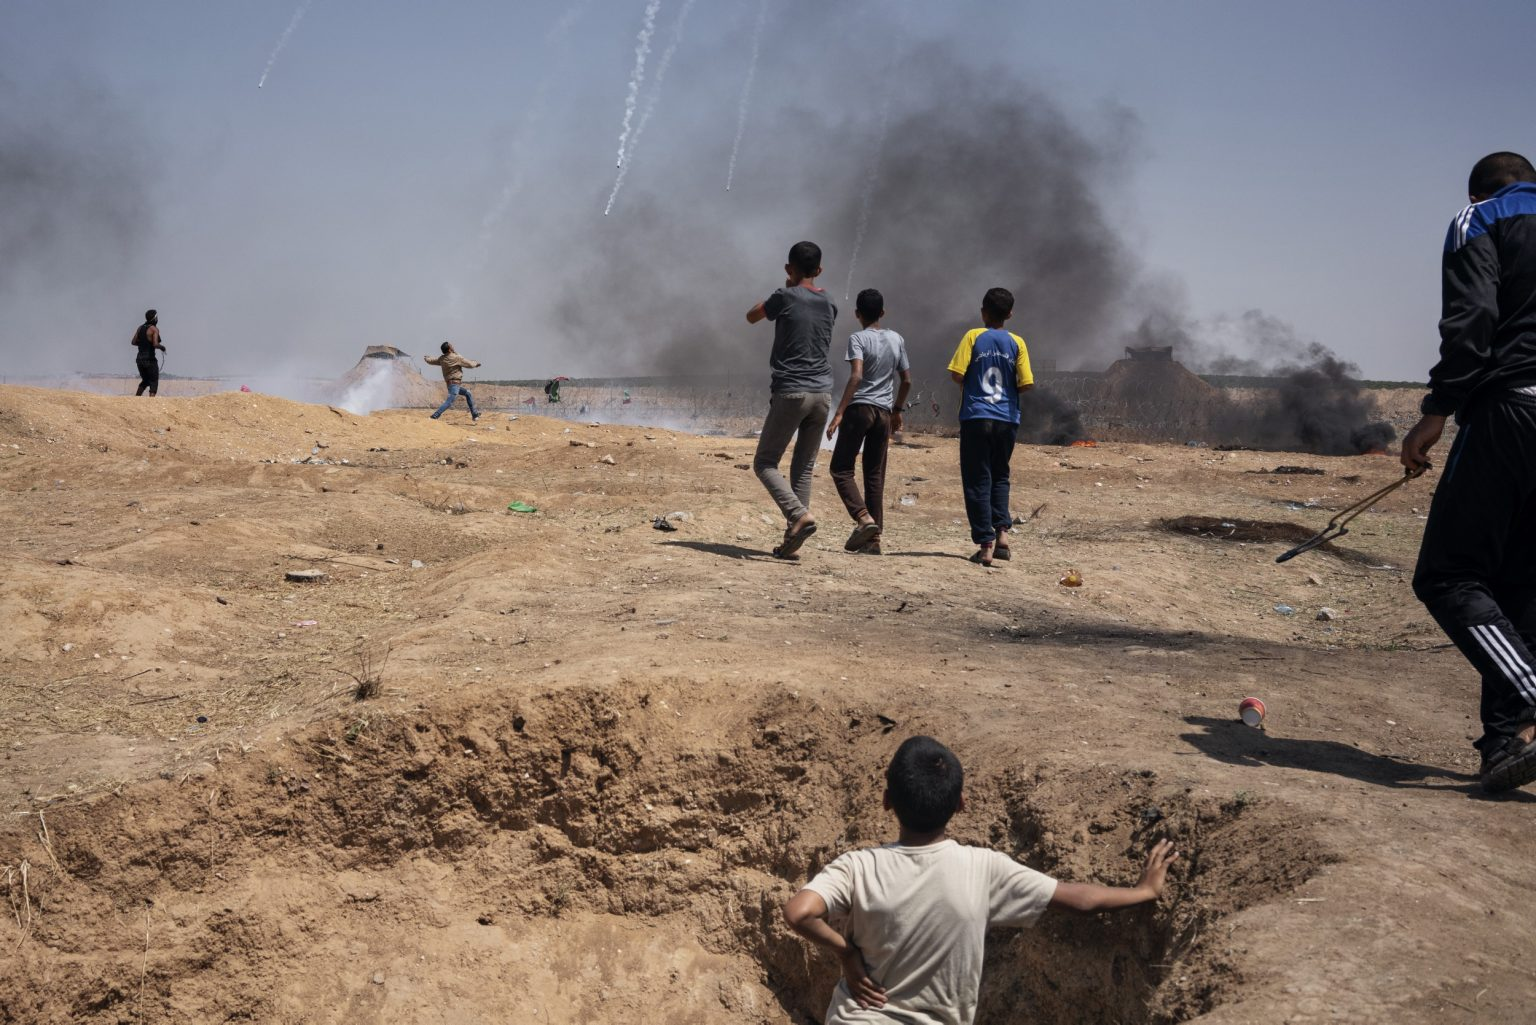 Gaza Strip, May 2018 - A Palestinian boy takes shelter while Israely soldiers fired tear gas.><  Striscia di Gaza, maggio 2018 - Un ragazzo palestinese trova riparo dentro una buca mentre soldati palestinesi lanciano gas lacrimogeni.